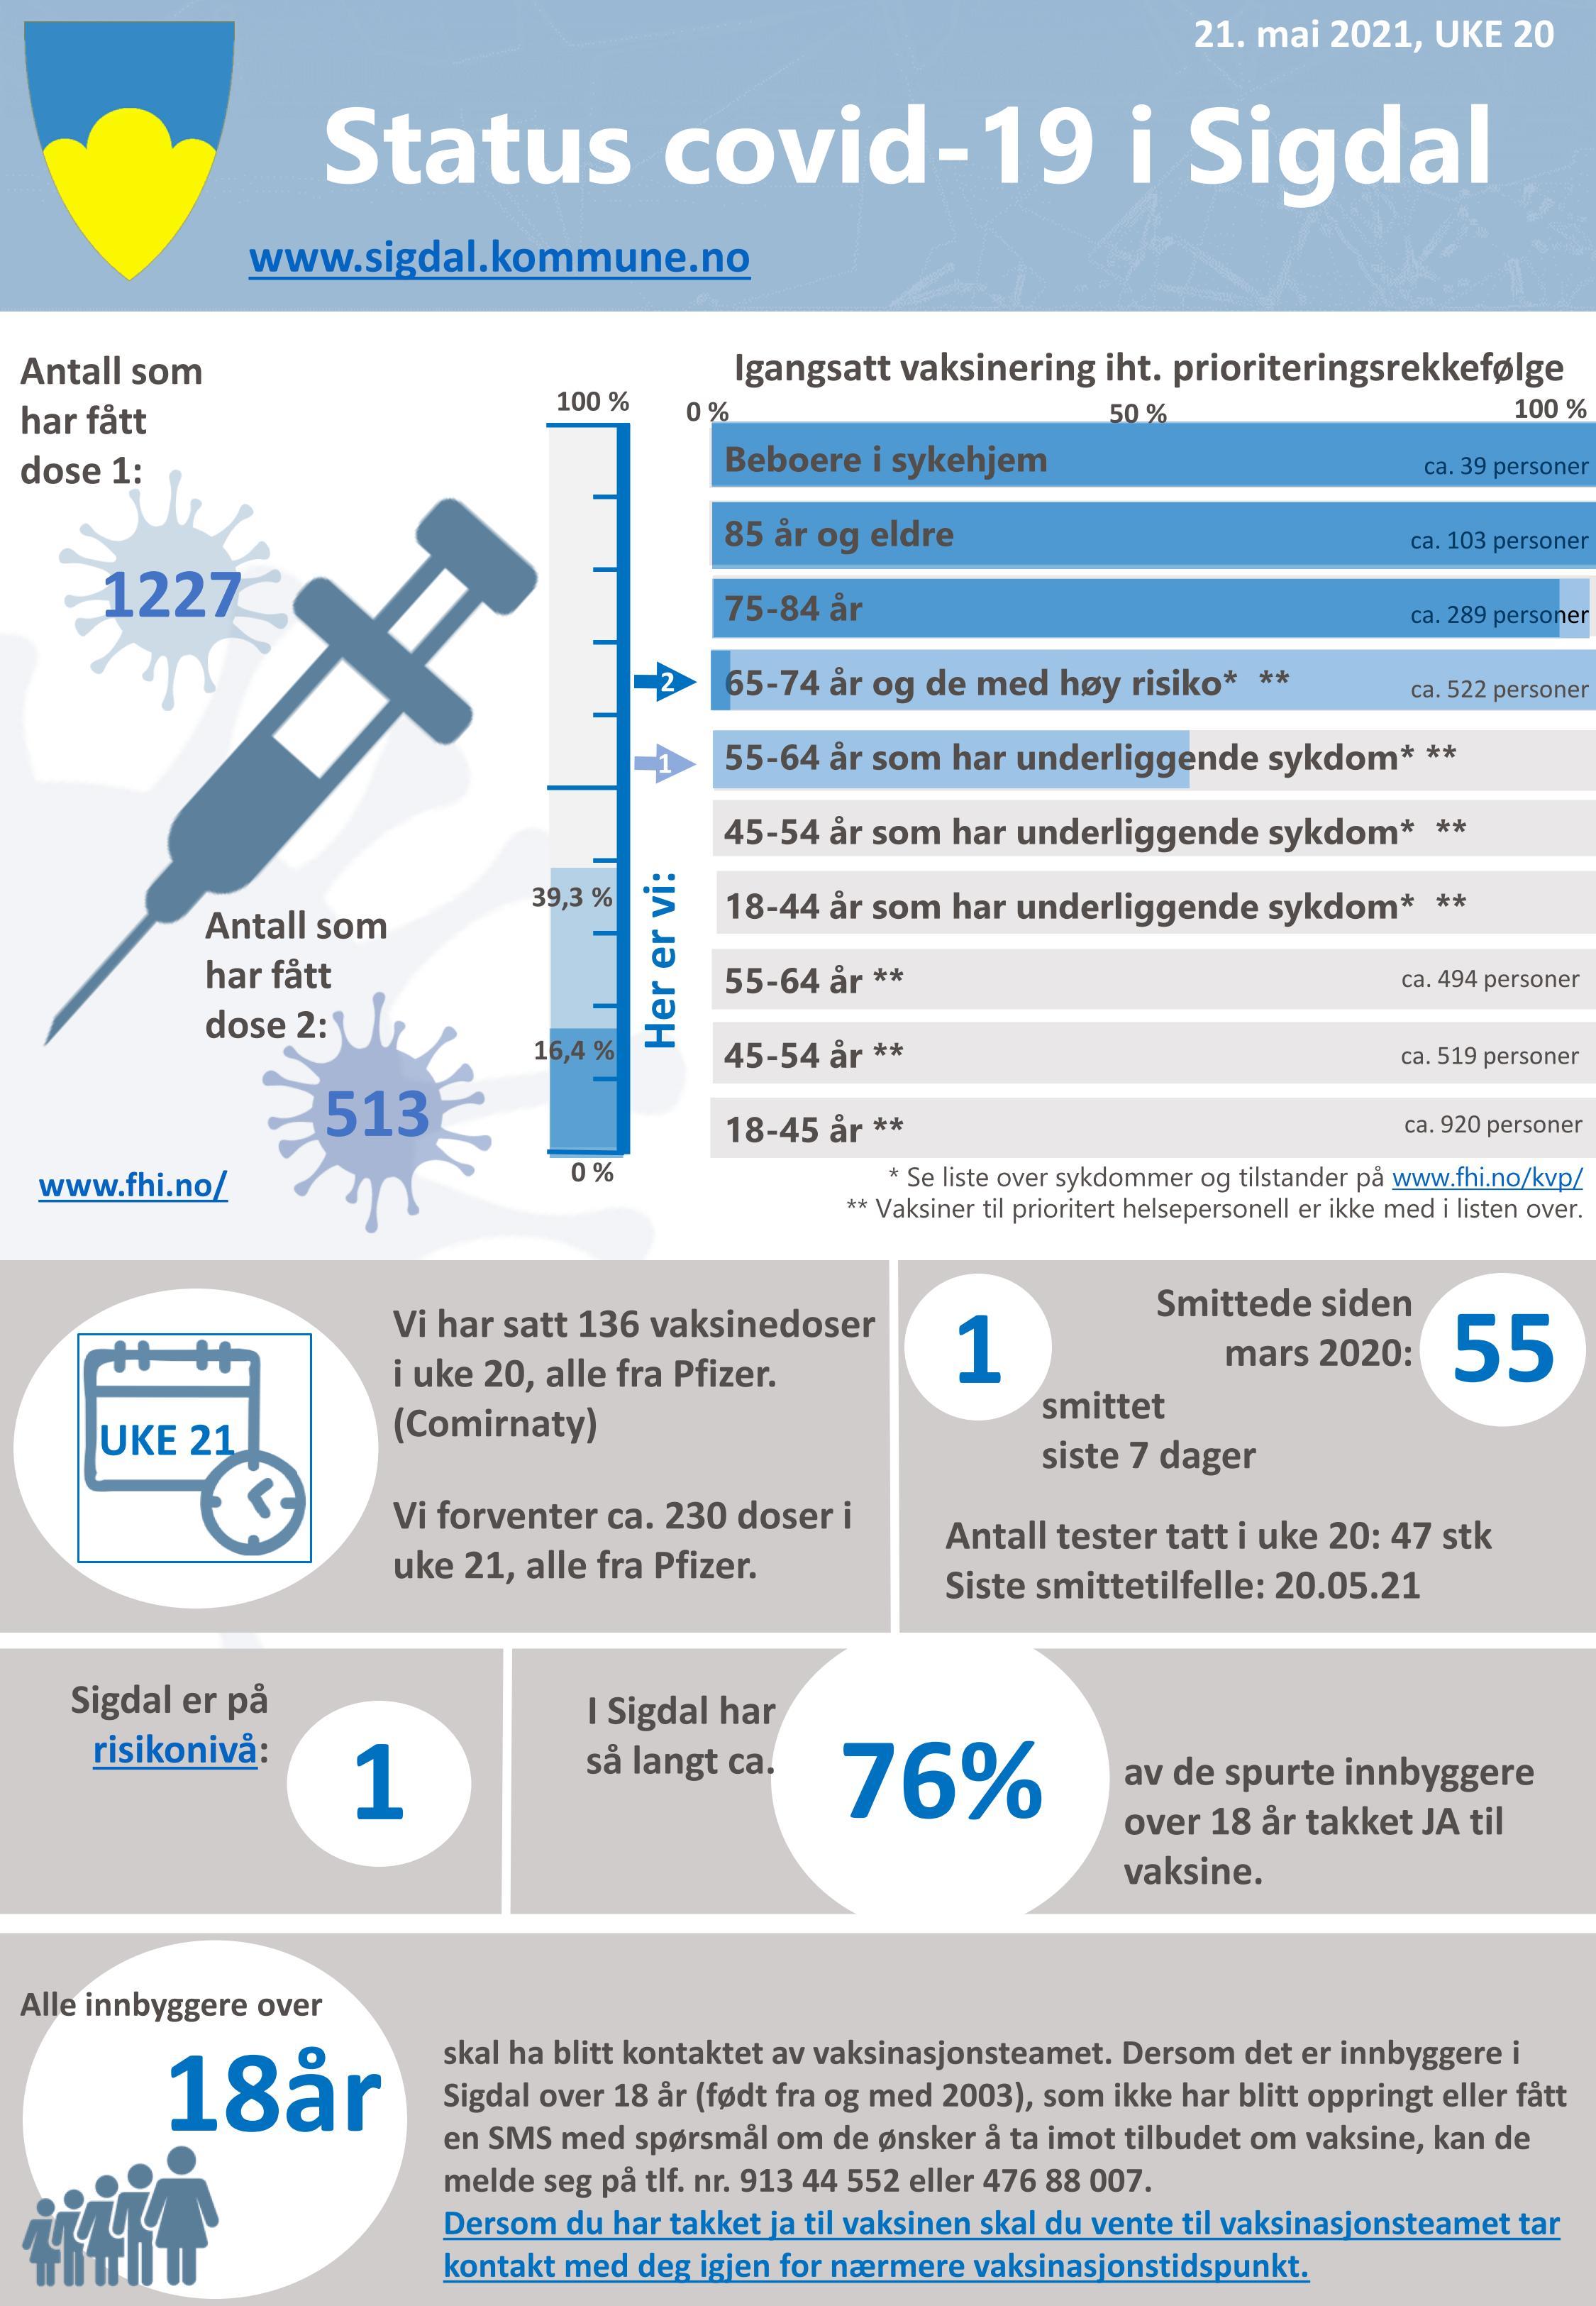 210521 Status Sigdal uke 20 vaksine og smitte_01.jpg